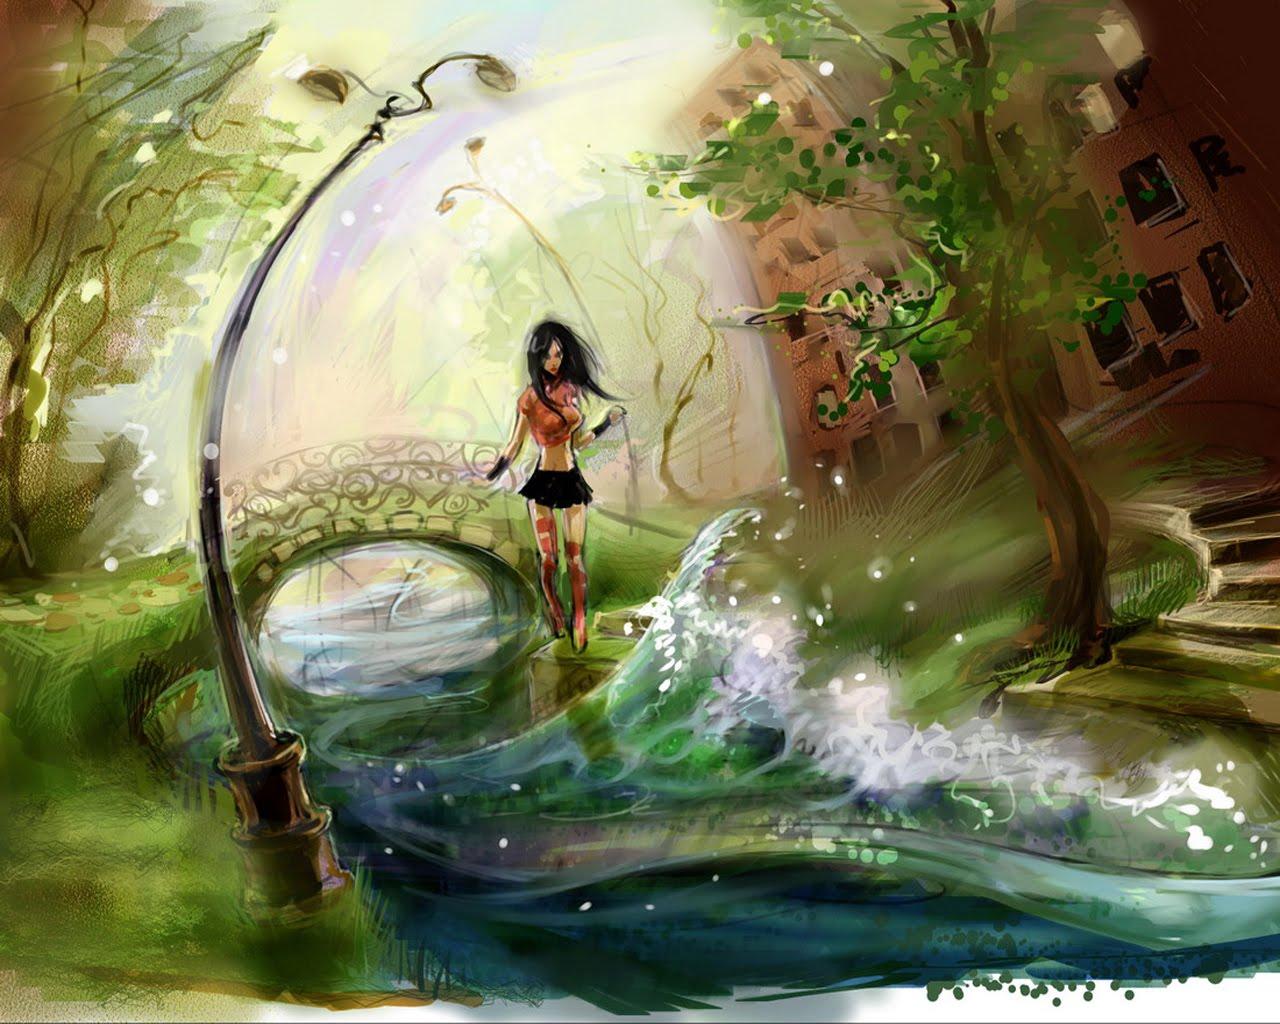 Women Artistic Paintings Desktop Backgrounds Wallpaper Dekstop 1280x1024